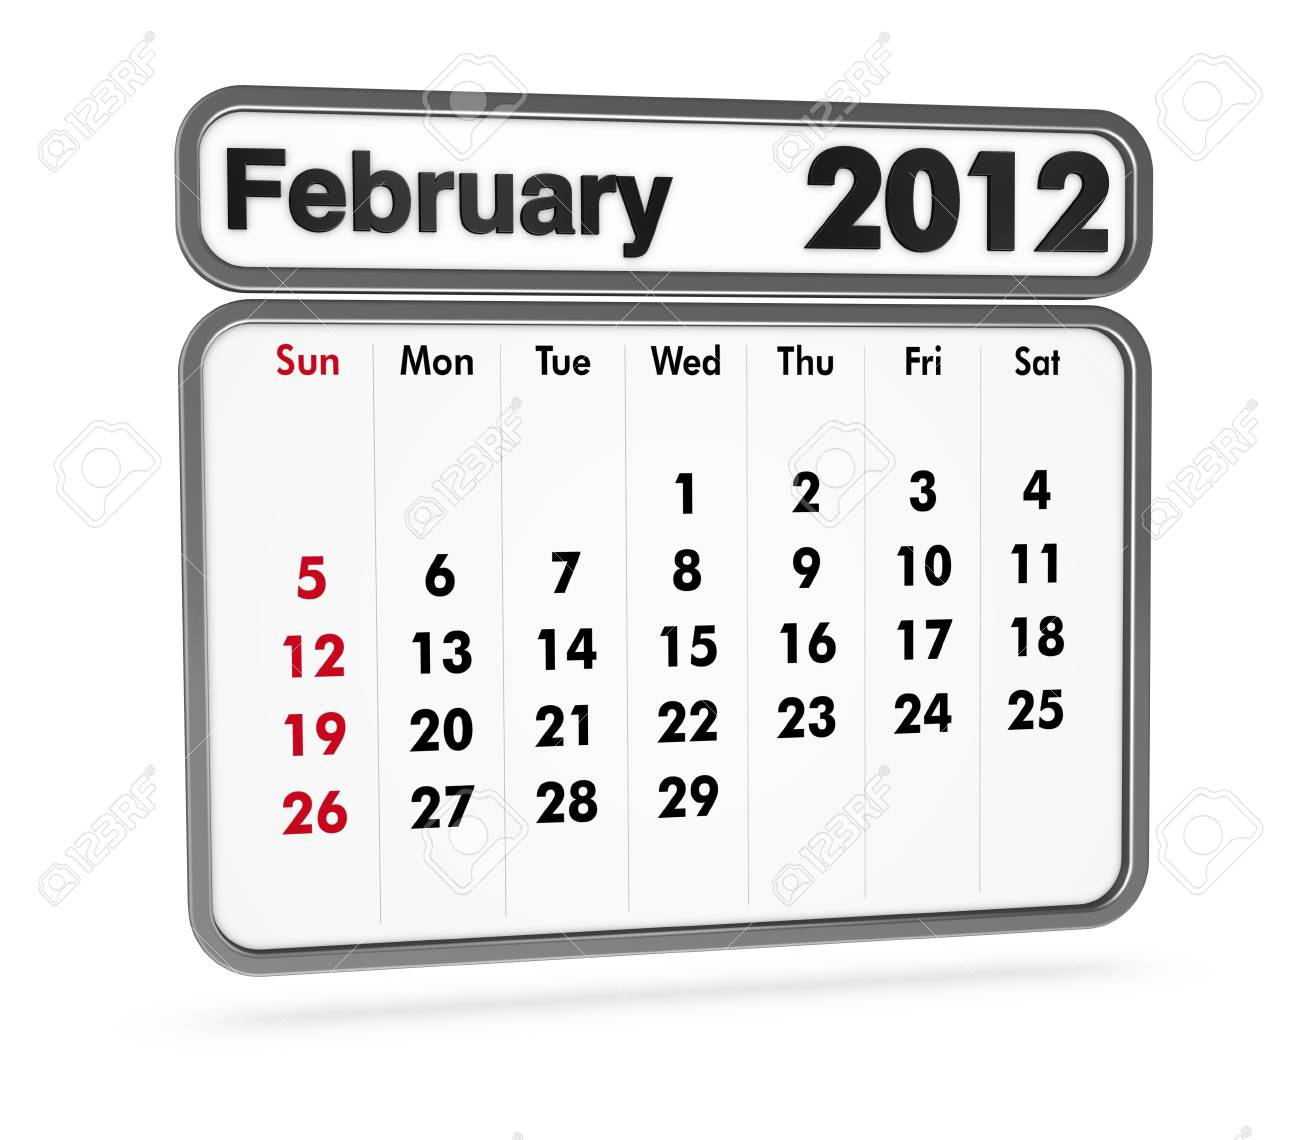 february 2012 calendar on white background (3d render) Stock Photo - 9553365